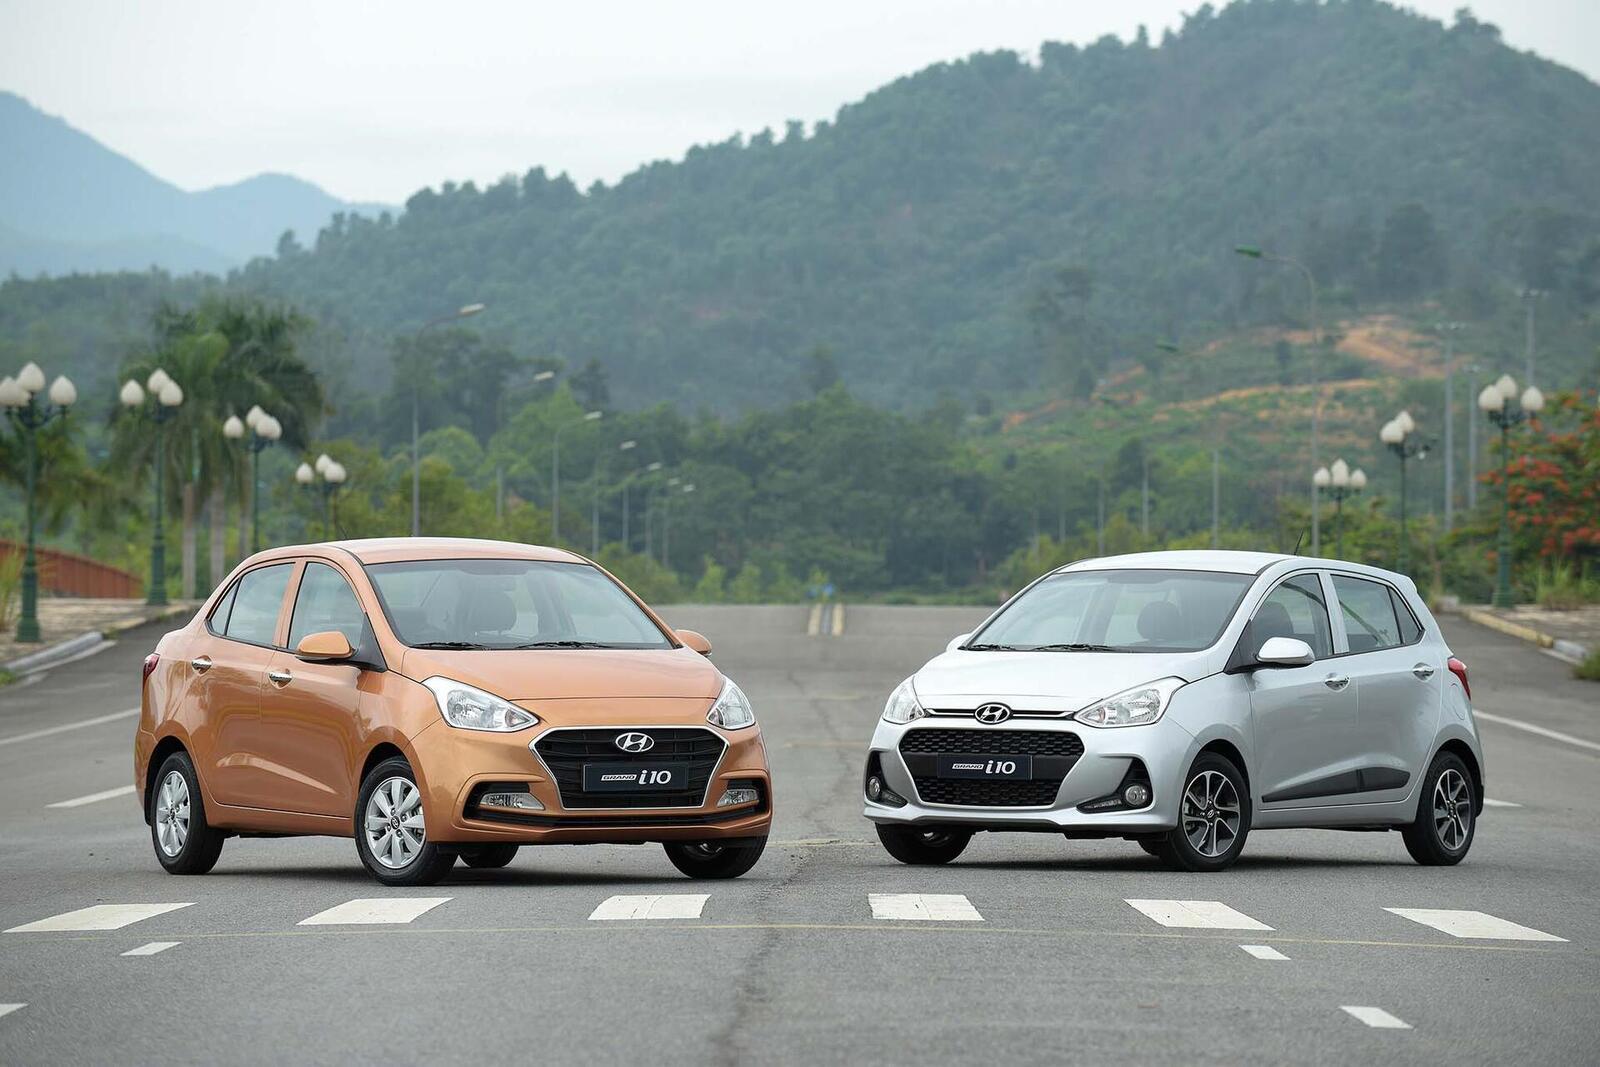 Hyundai công bố doanh số tháng 12/2018: Accent vẫn tiếp tục bán chạy hơn Grand i10 - Hình 4